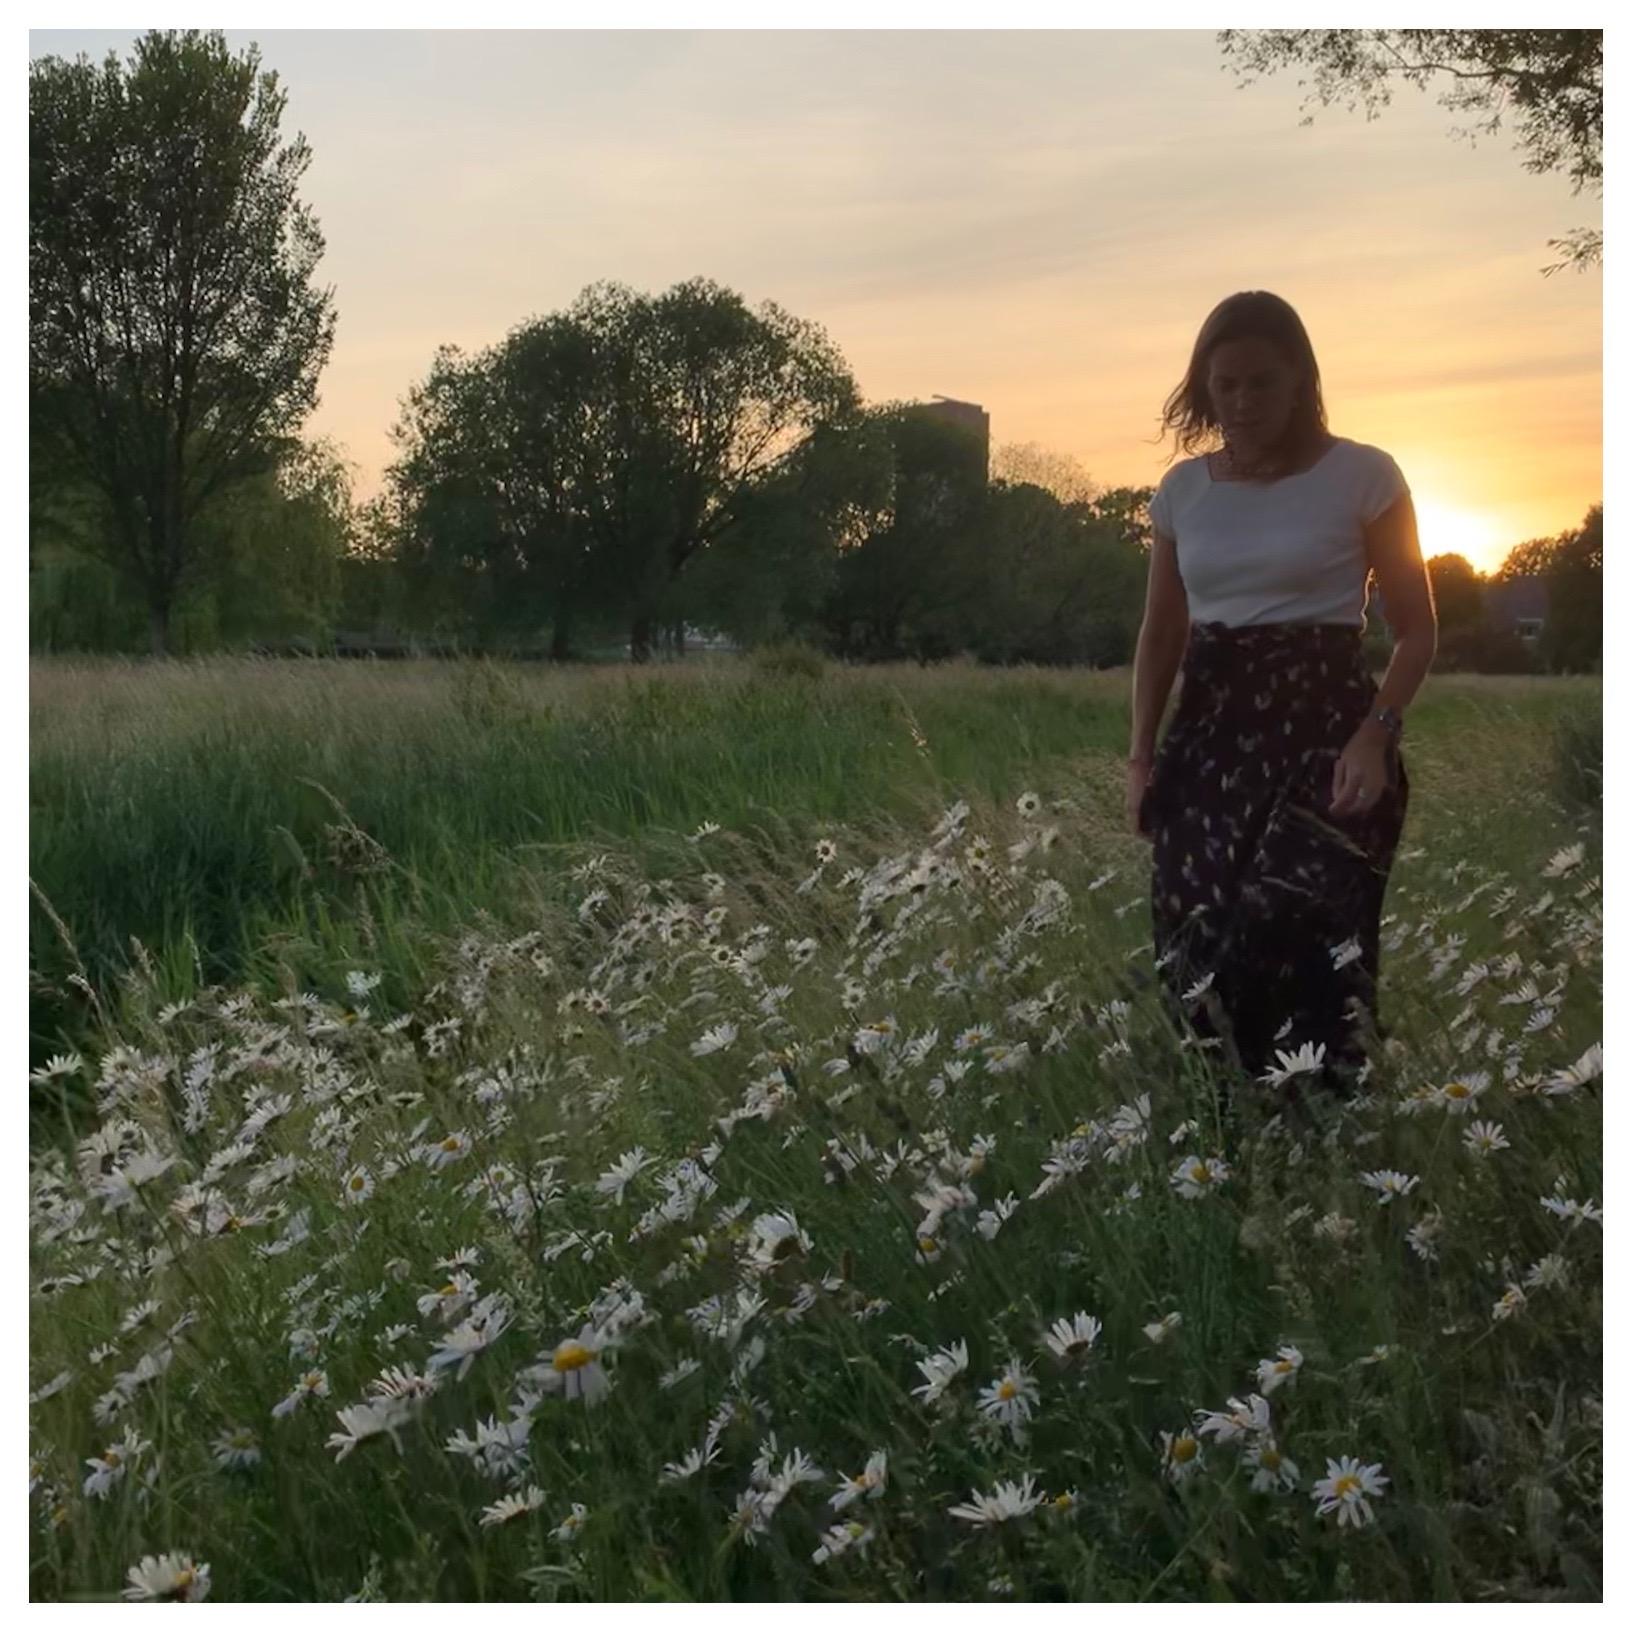 sunset wandeling door wilhelminapark